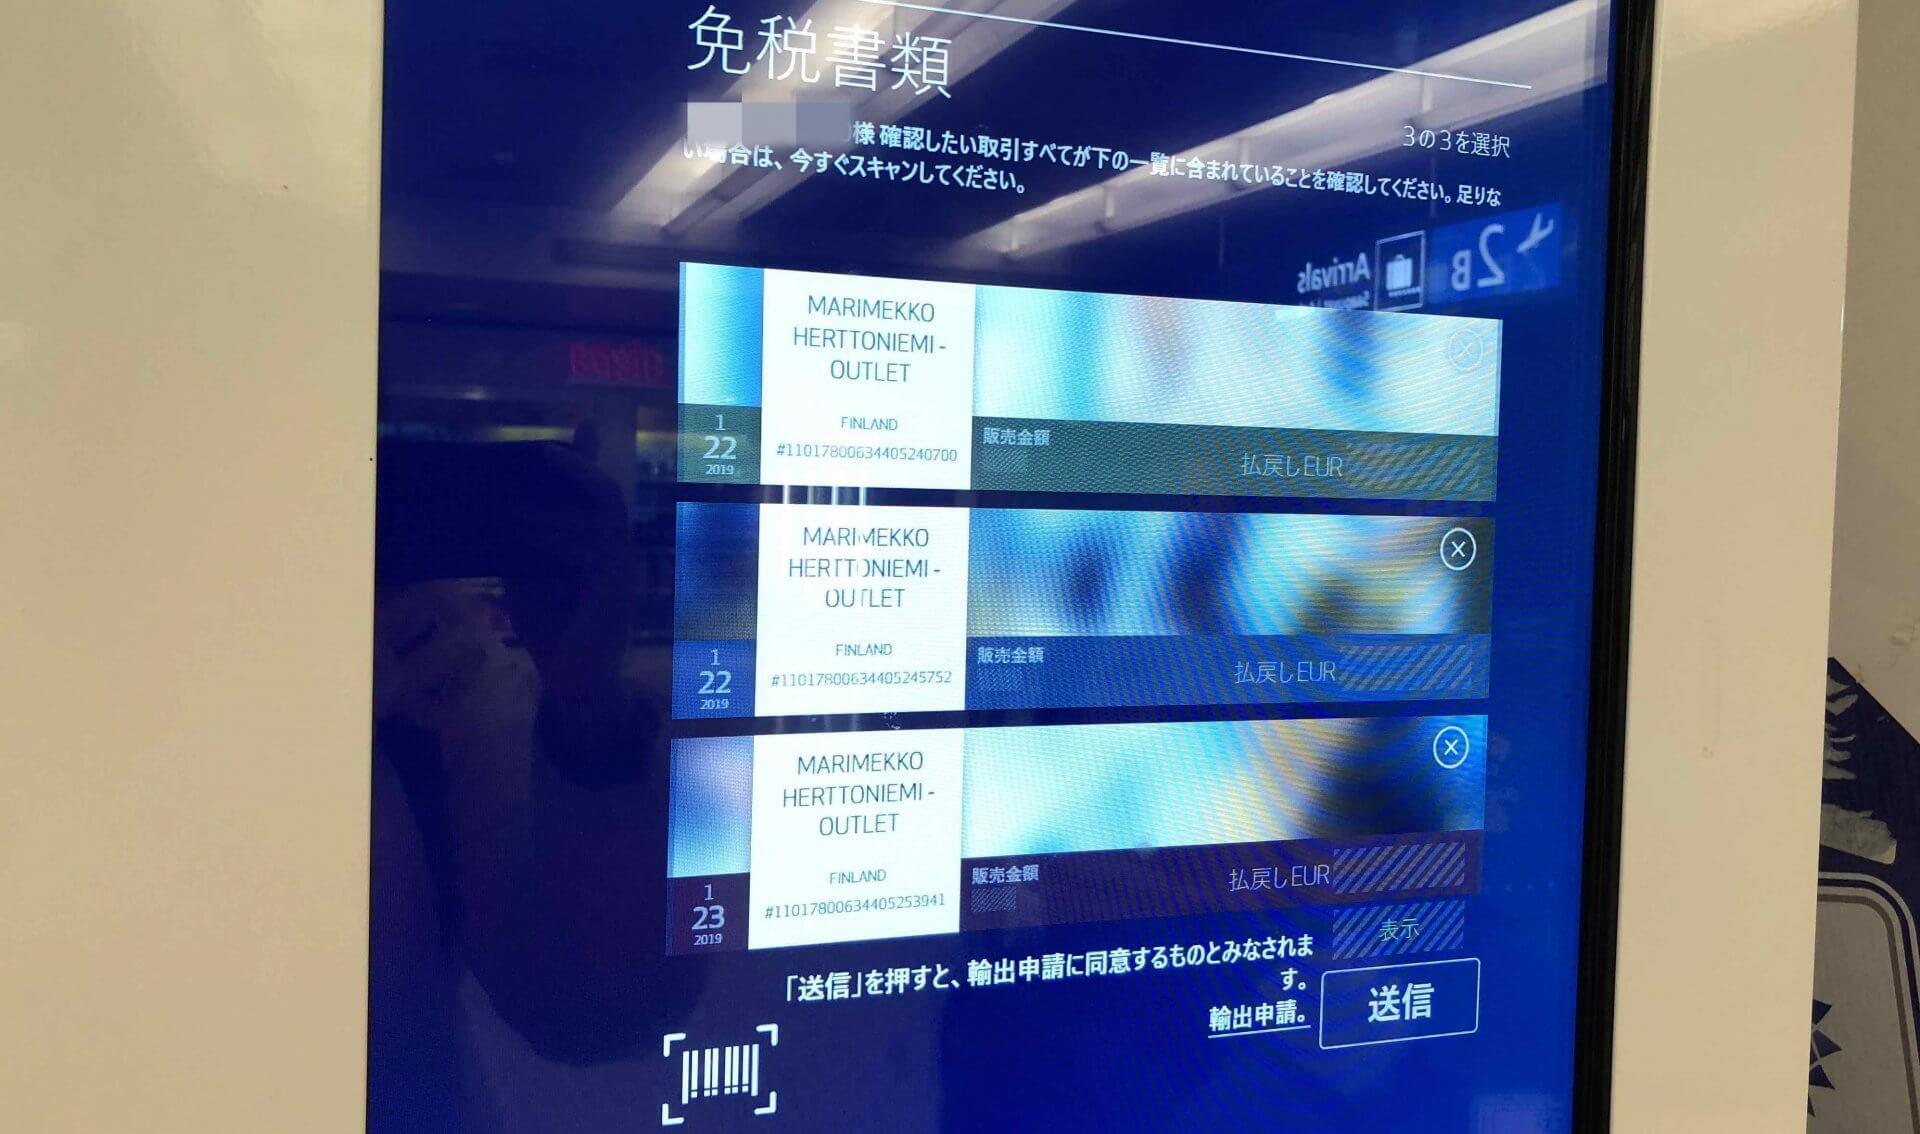 購入した店の一覧が読み取り機の画面に表示された